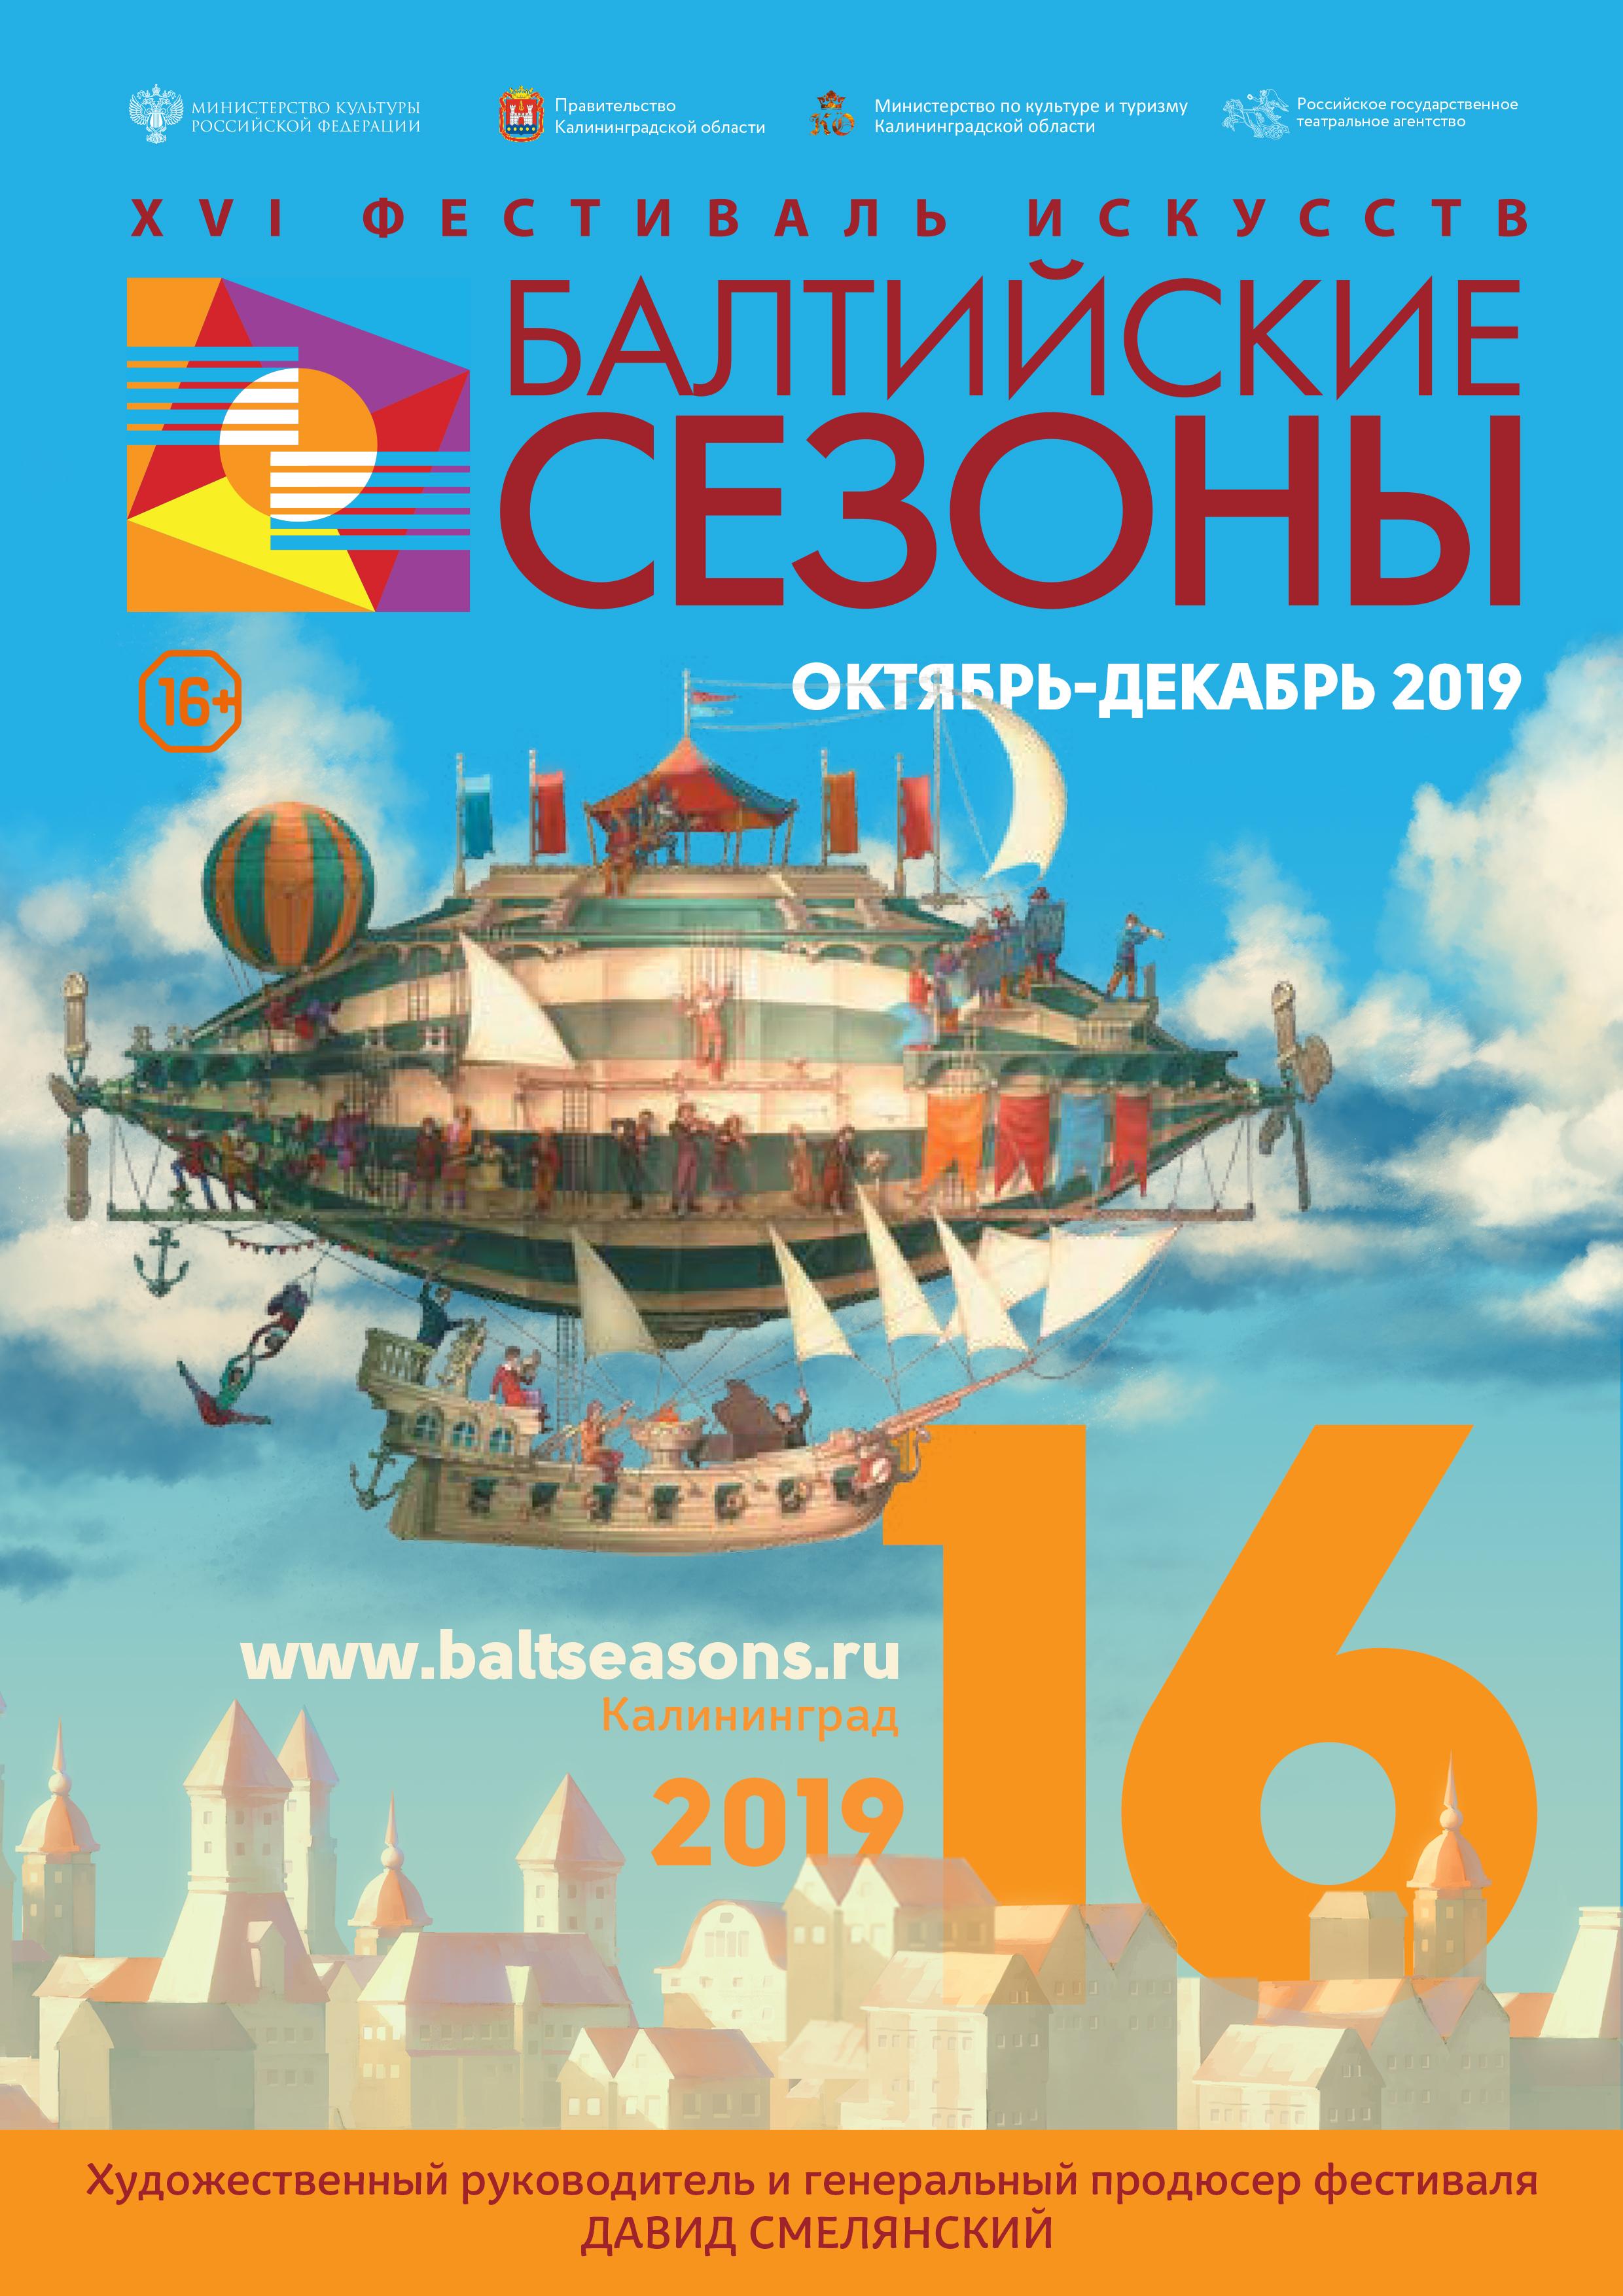 В Калининграде состоится открытие XVI Фестиваля искусств «Балтийские сезоны»